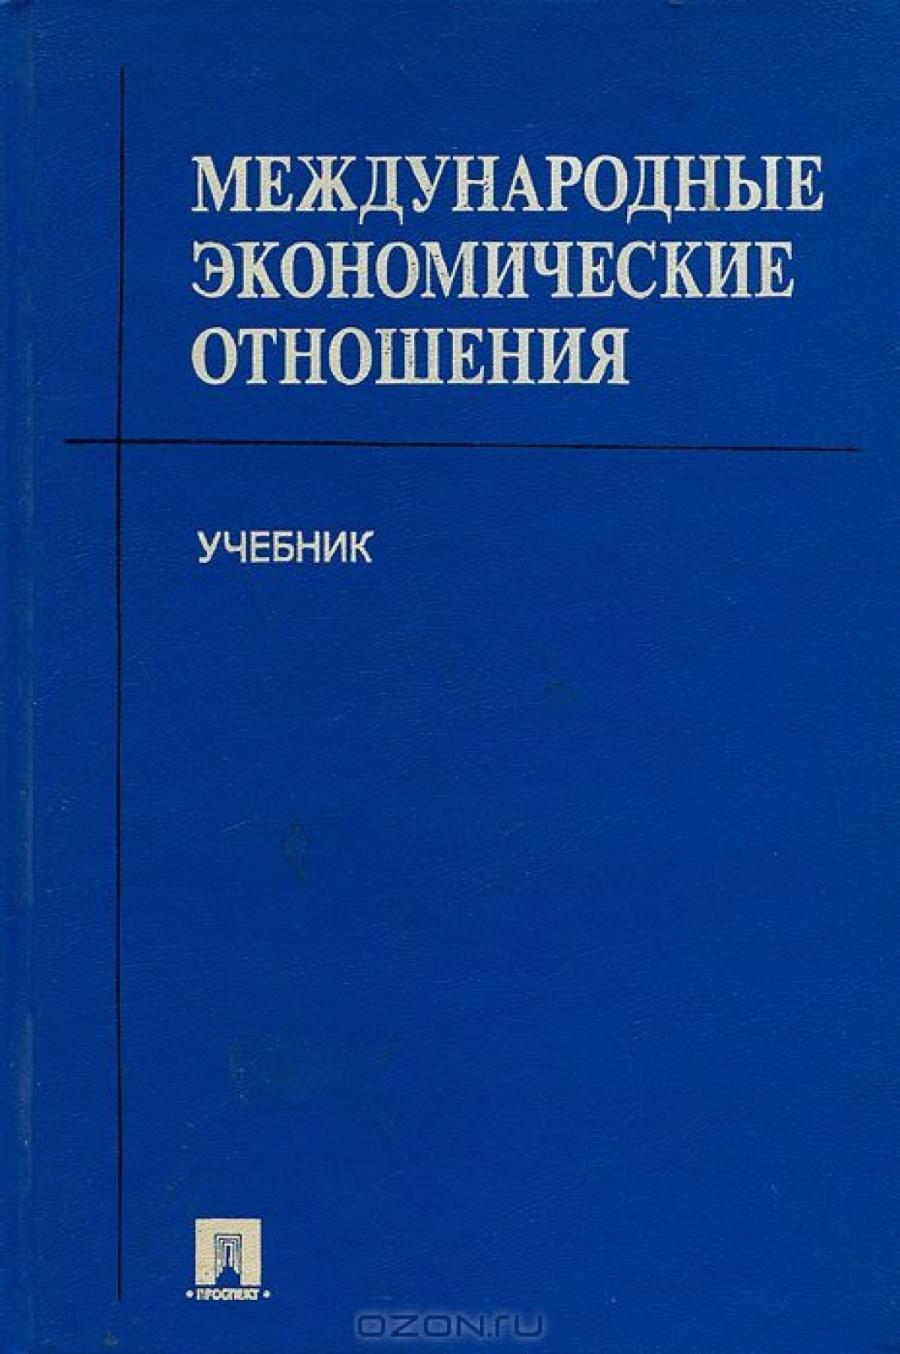 Обложка книги:  а. и. евдокимов - международные экономические отношения